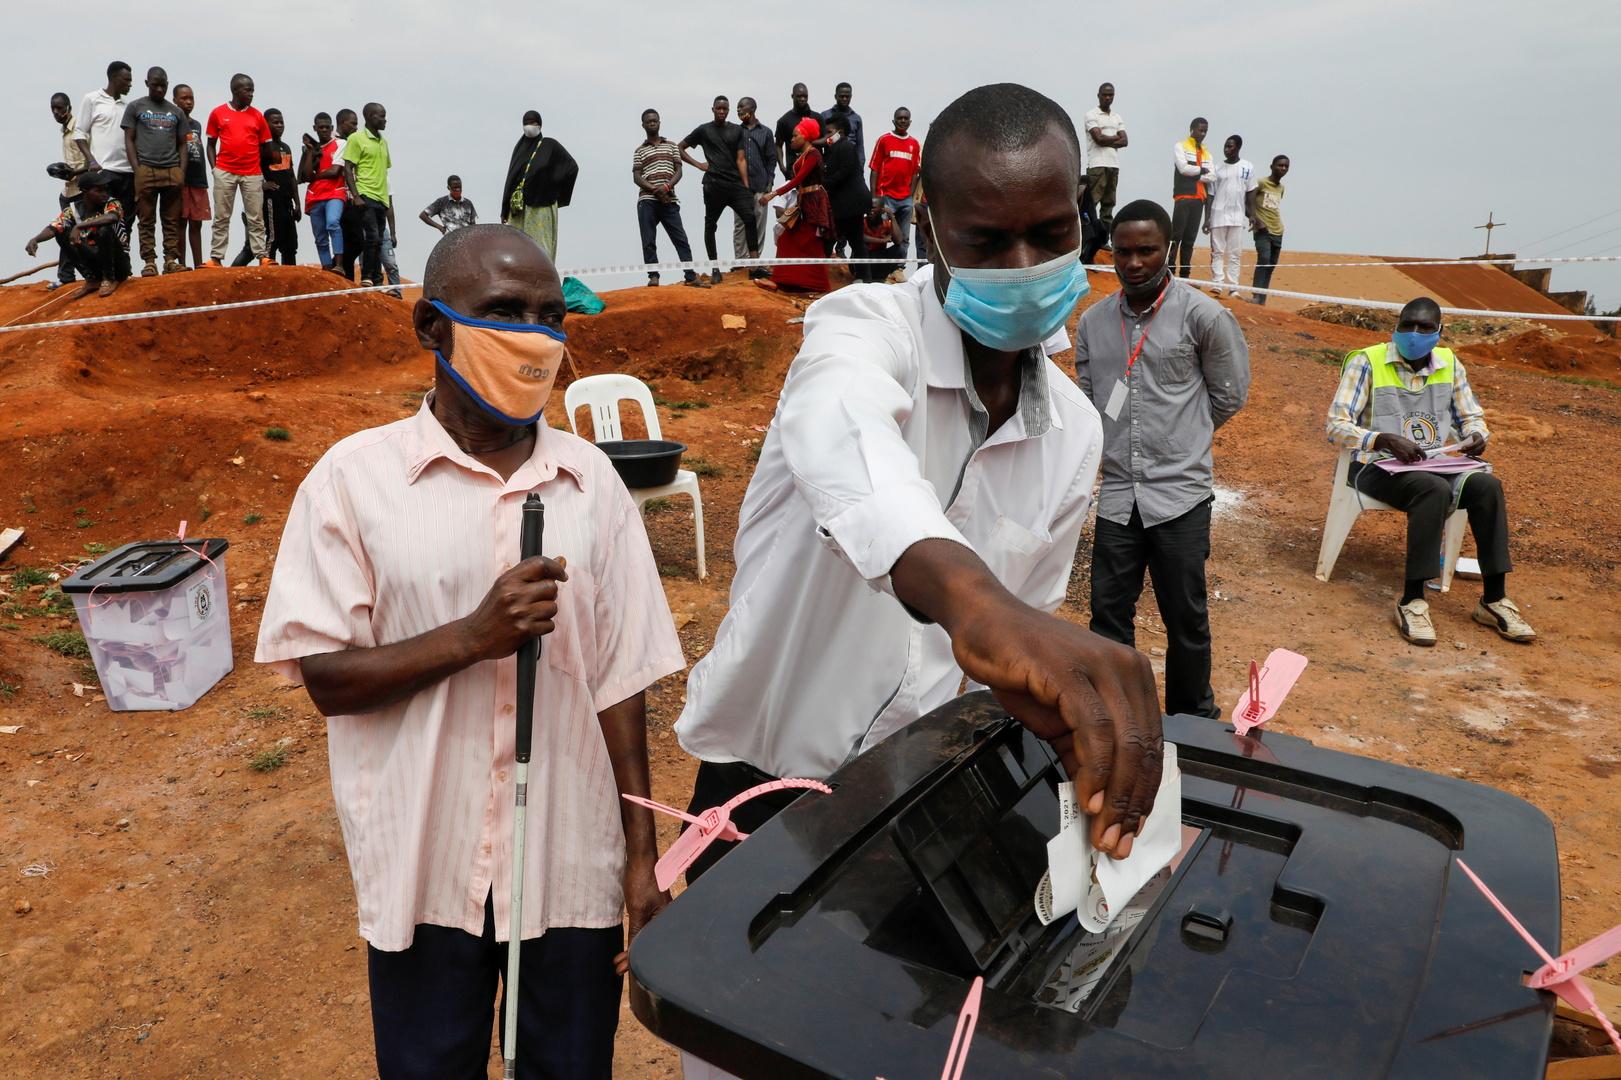 أوغندا.. مرشح المعارضة يعلن فوزه بالرئاسة ويزعم حصول تزوير وعنف